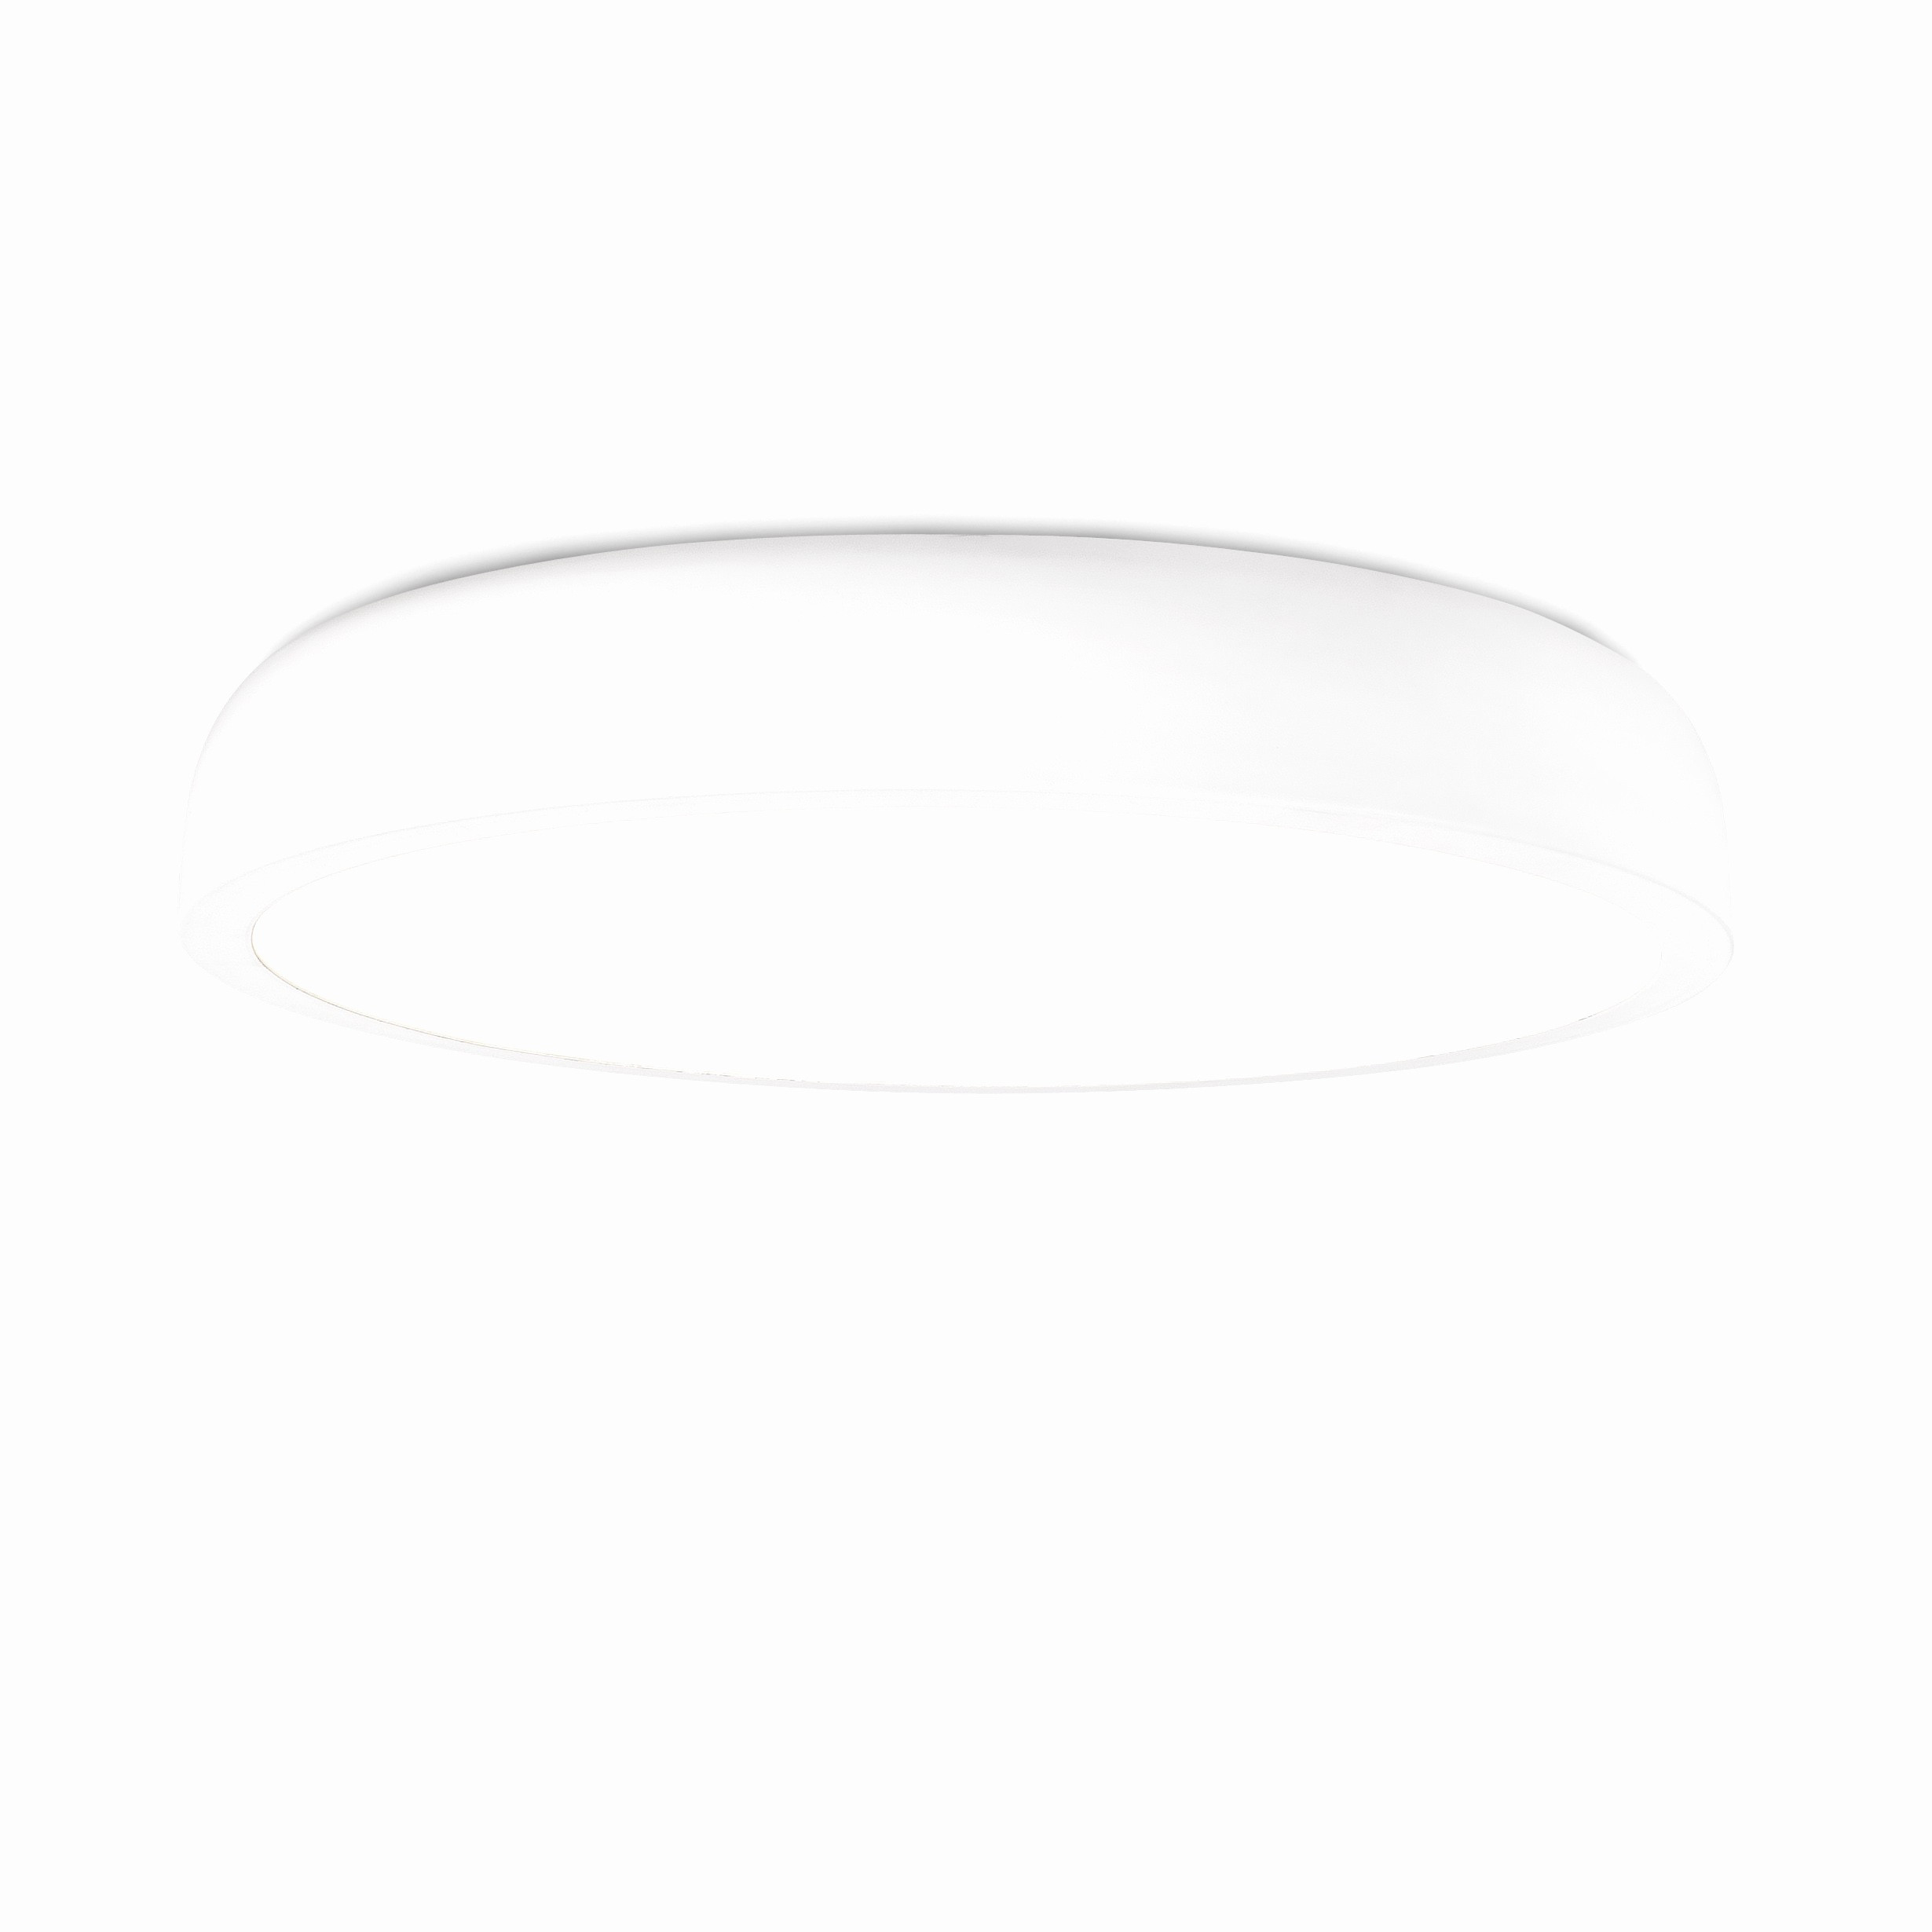 Applique Salle De Bain Avec Interrupteur Ikea Frais Images Applique Murale Contemporaine Désign – Sullivanmaxx